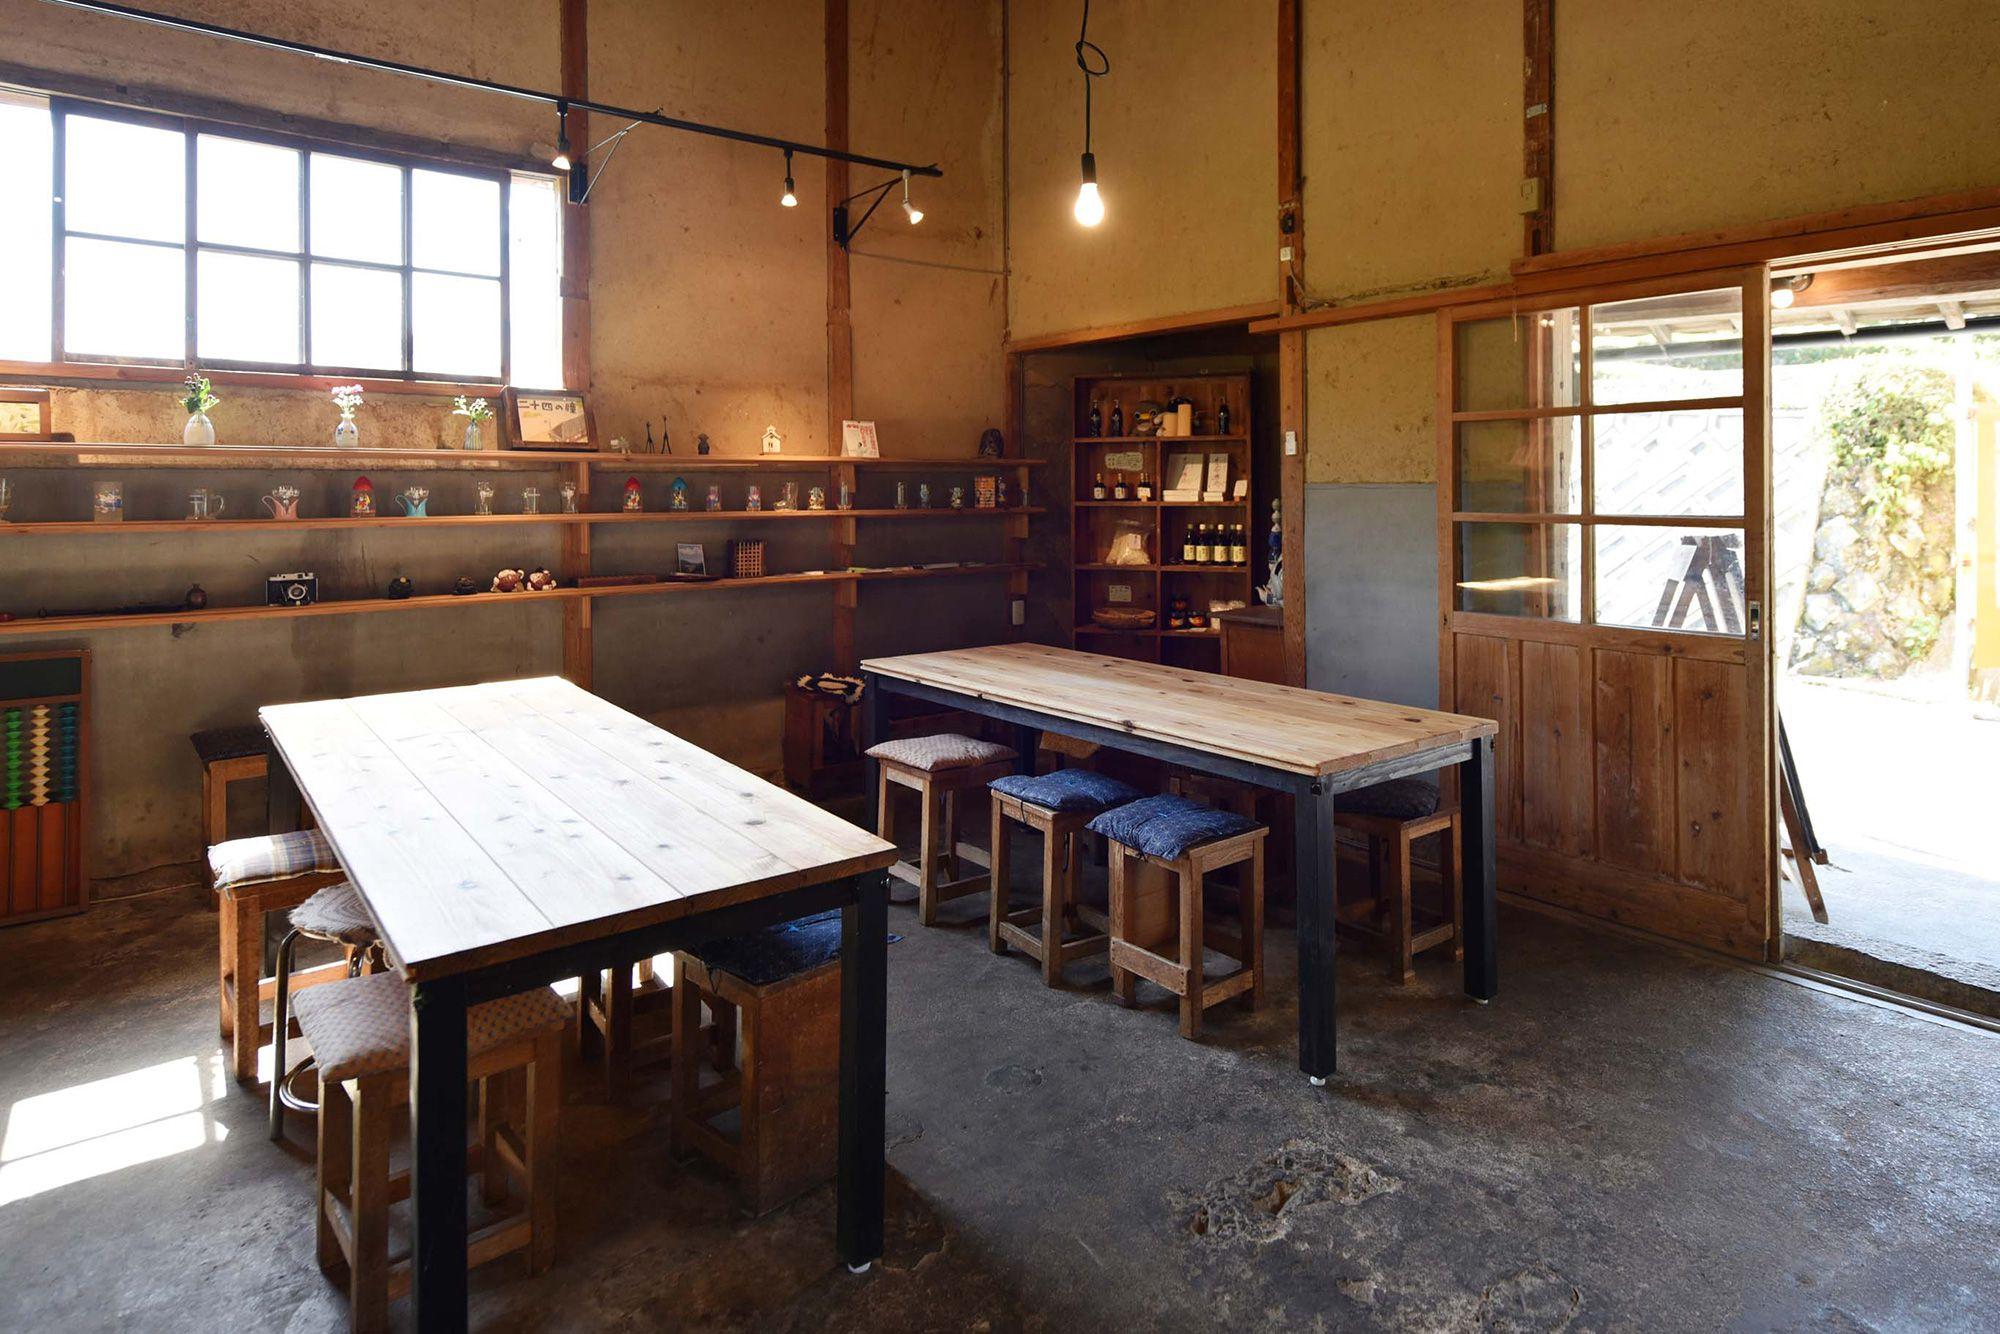 懐かしい空気の漂う店内には、風情のある木の机と椅子が並んでいる。